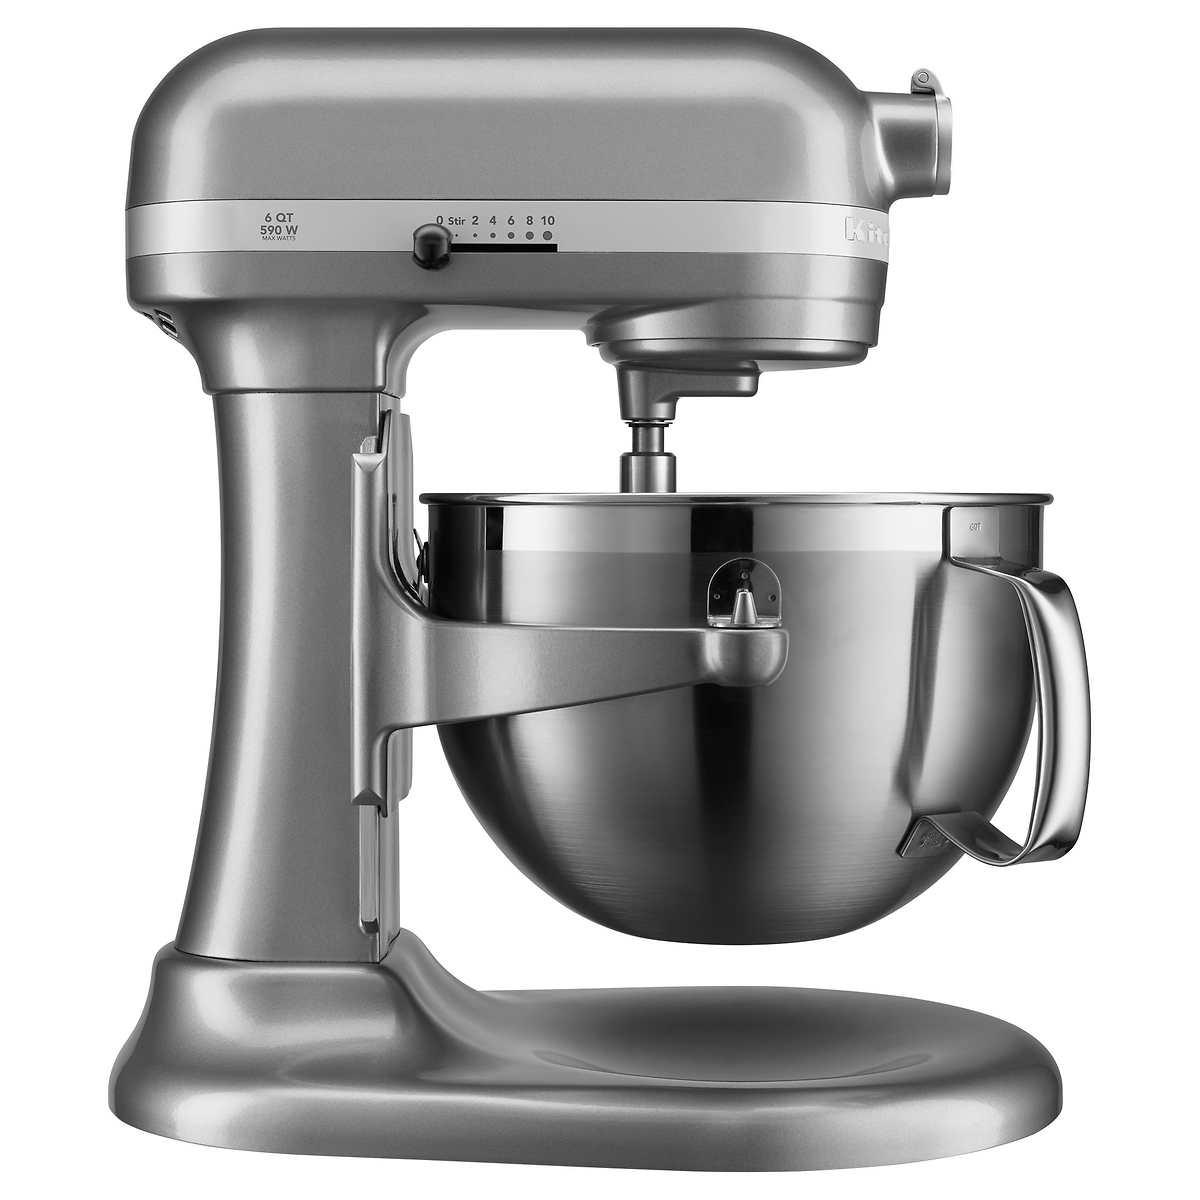 Kitchenaid Professional Mixer Colors food processors & mixers   costco